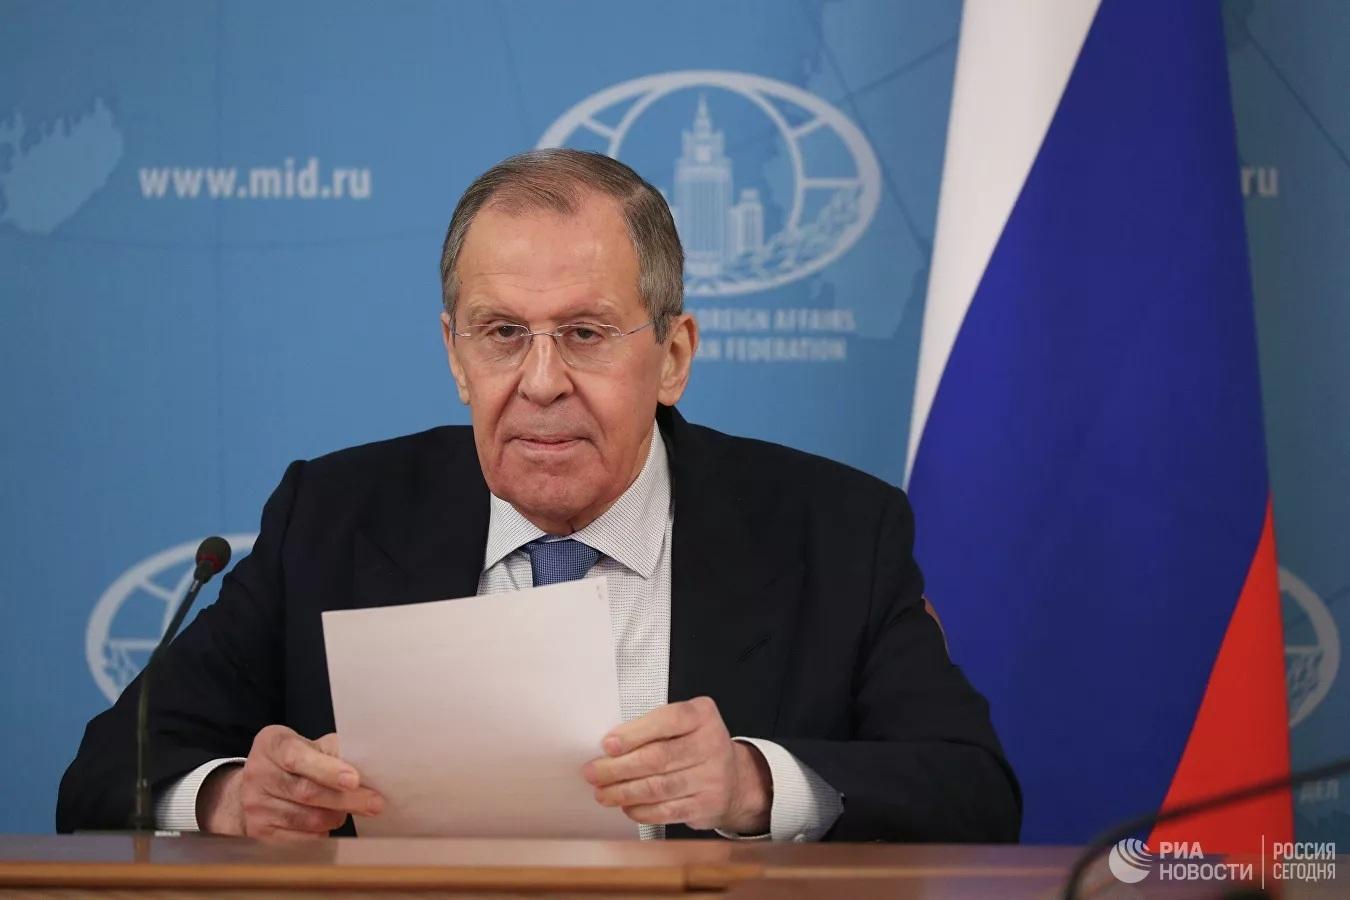 Hội nghị trực tuyến Bộ trưởng Ngoại giao ASEAN-Nga về ứng phó với dịch Covid-19